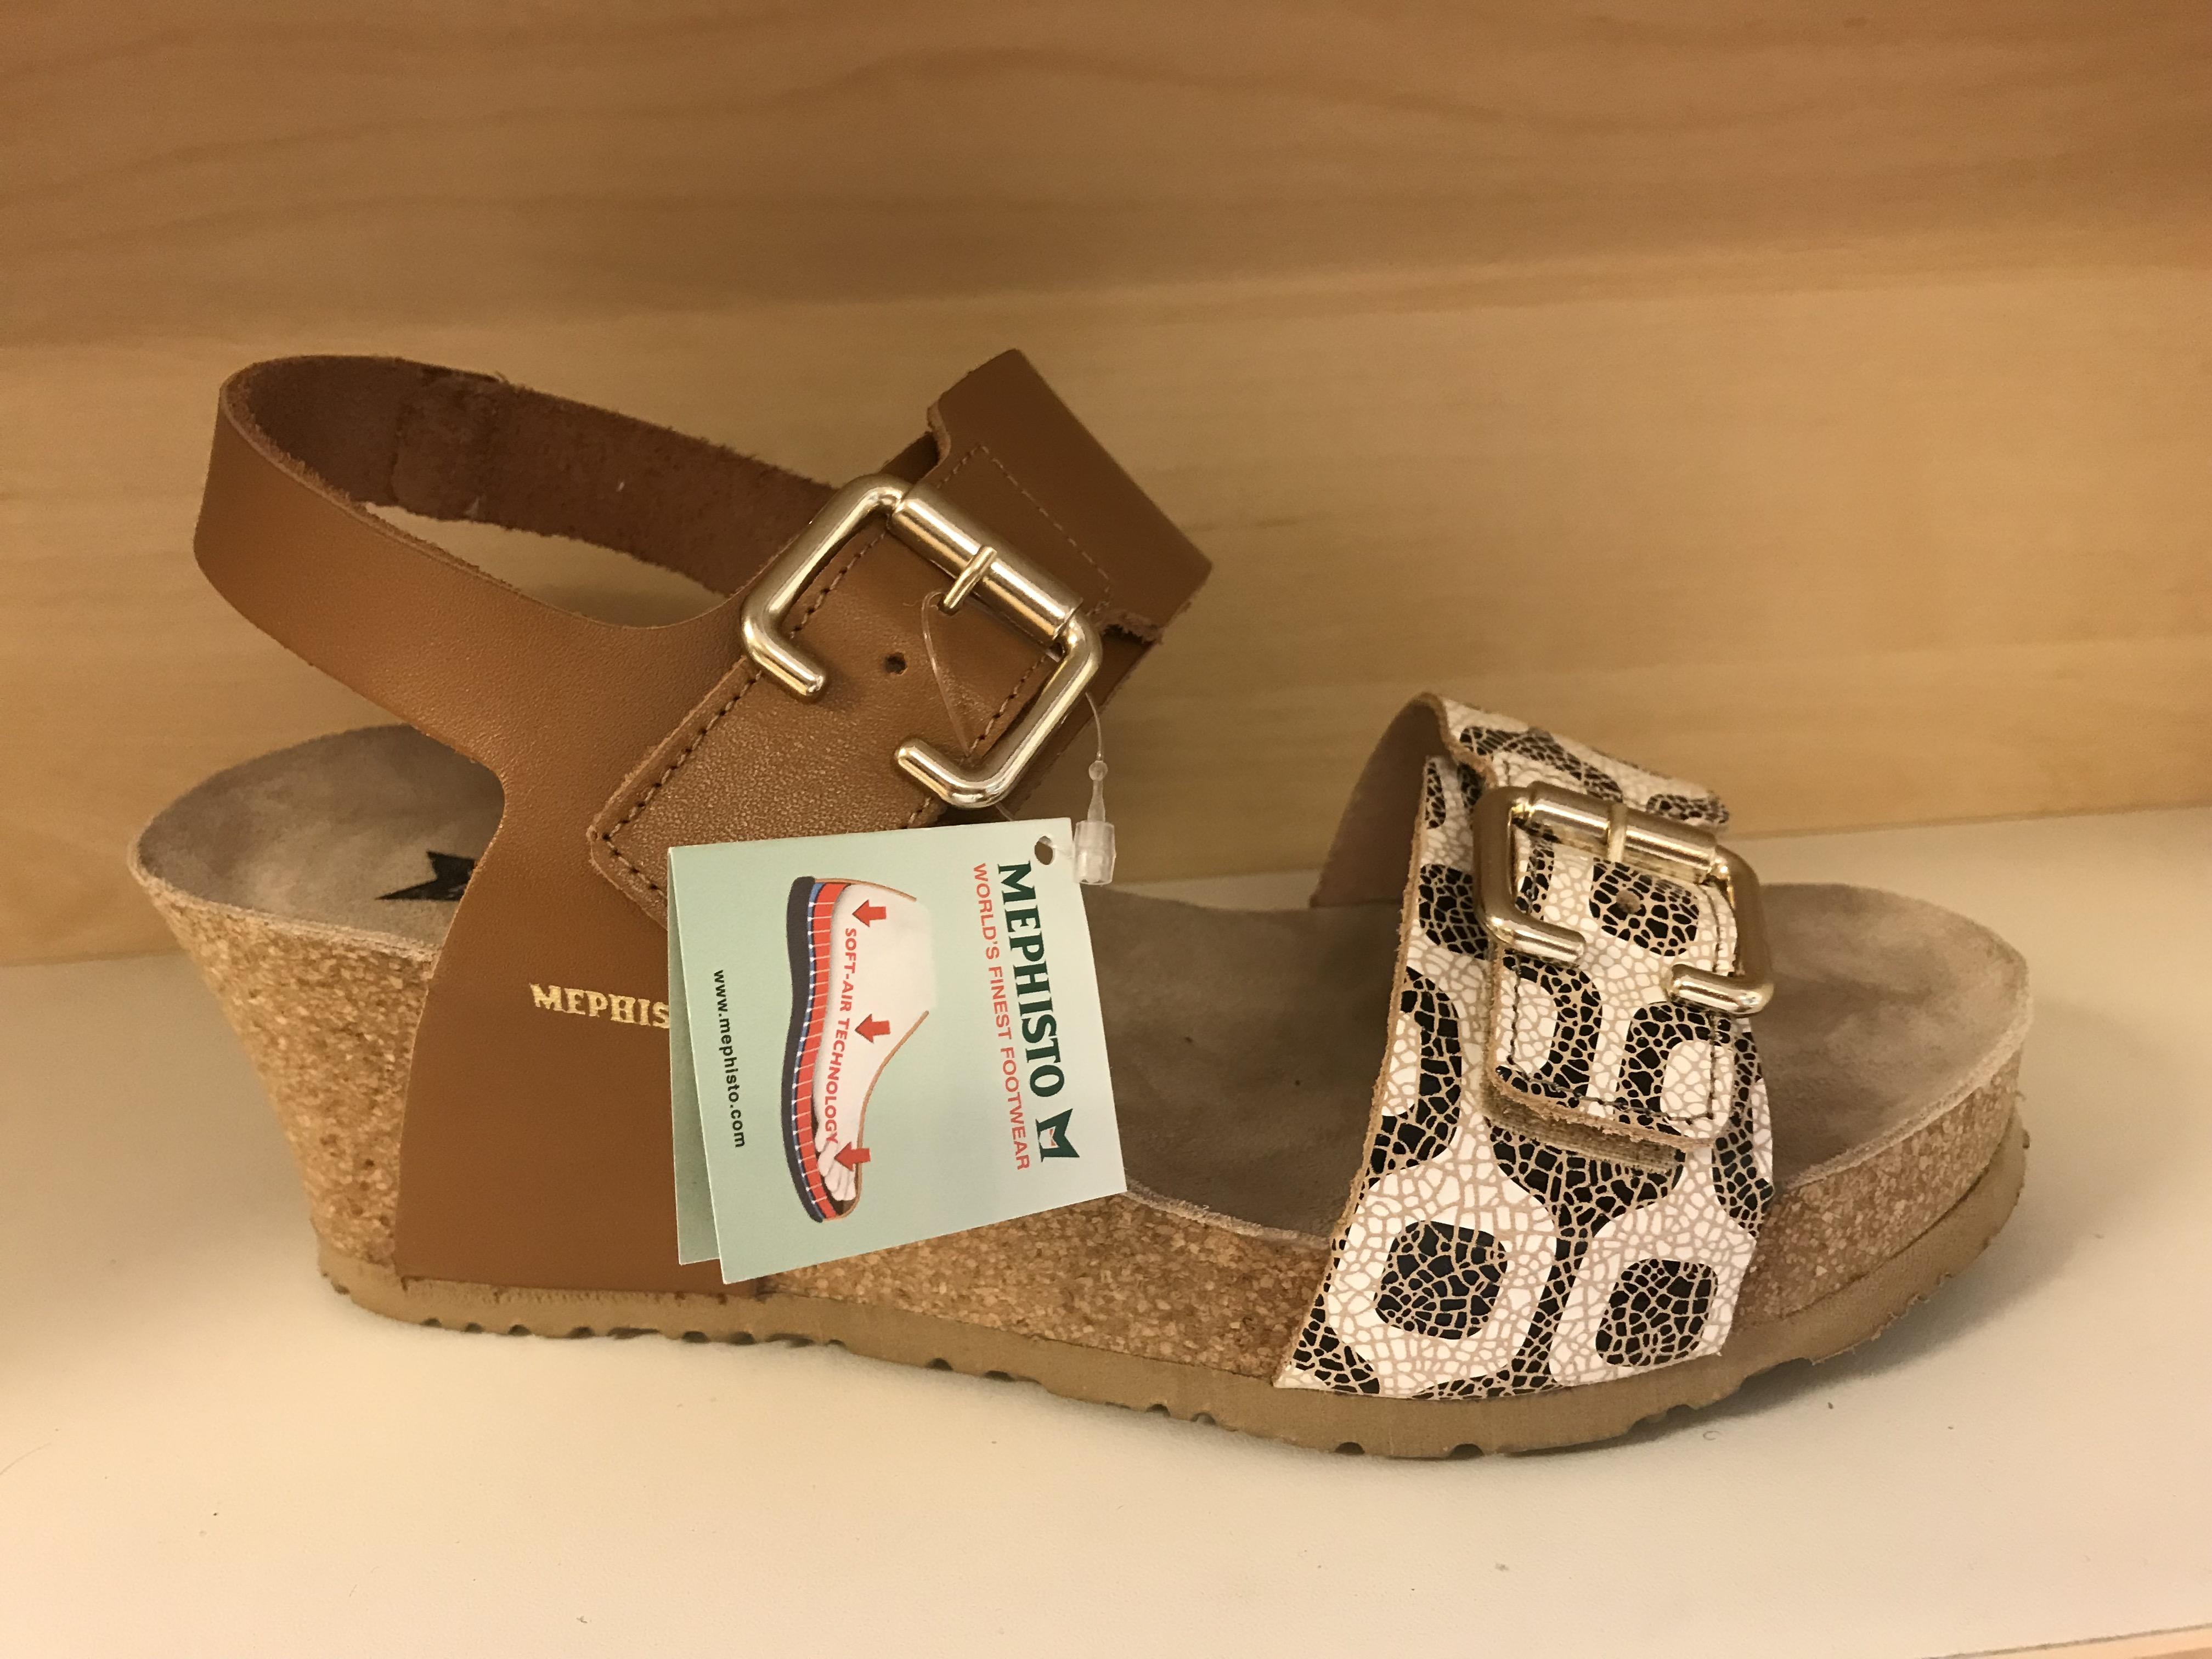 MEPHISTO dam sandalett med soft air teknologi i sulan. Kilklack, 6 cm hög längst bak. Karborband på två ställen (där spännena sitter) Väldigt sköna